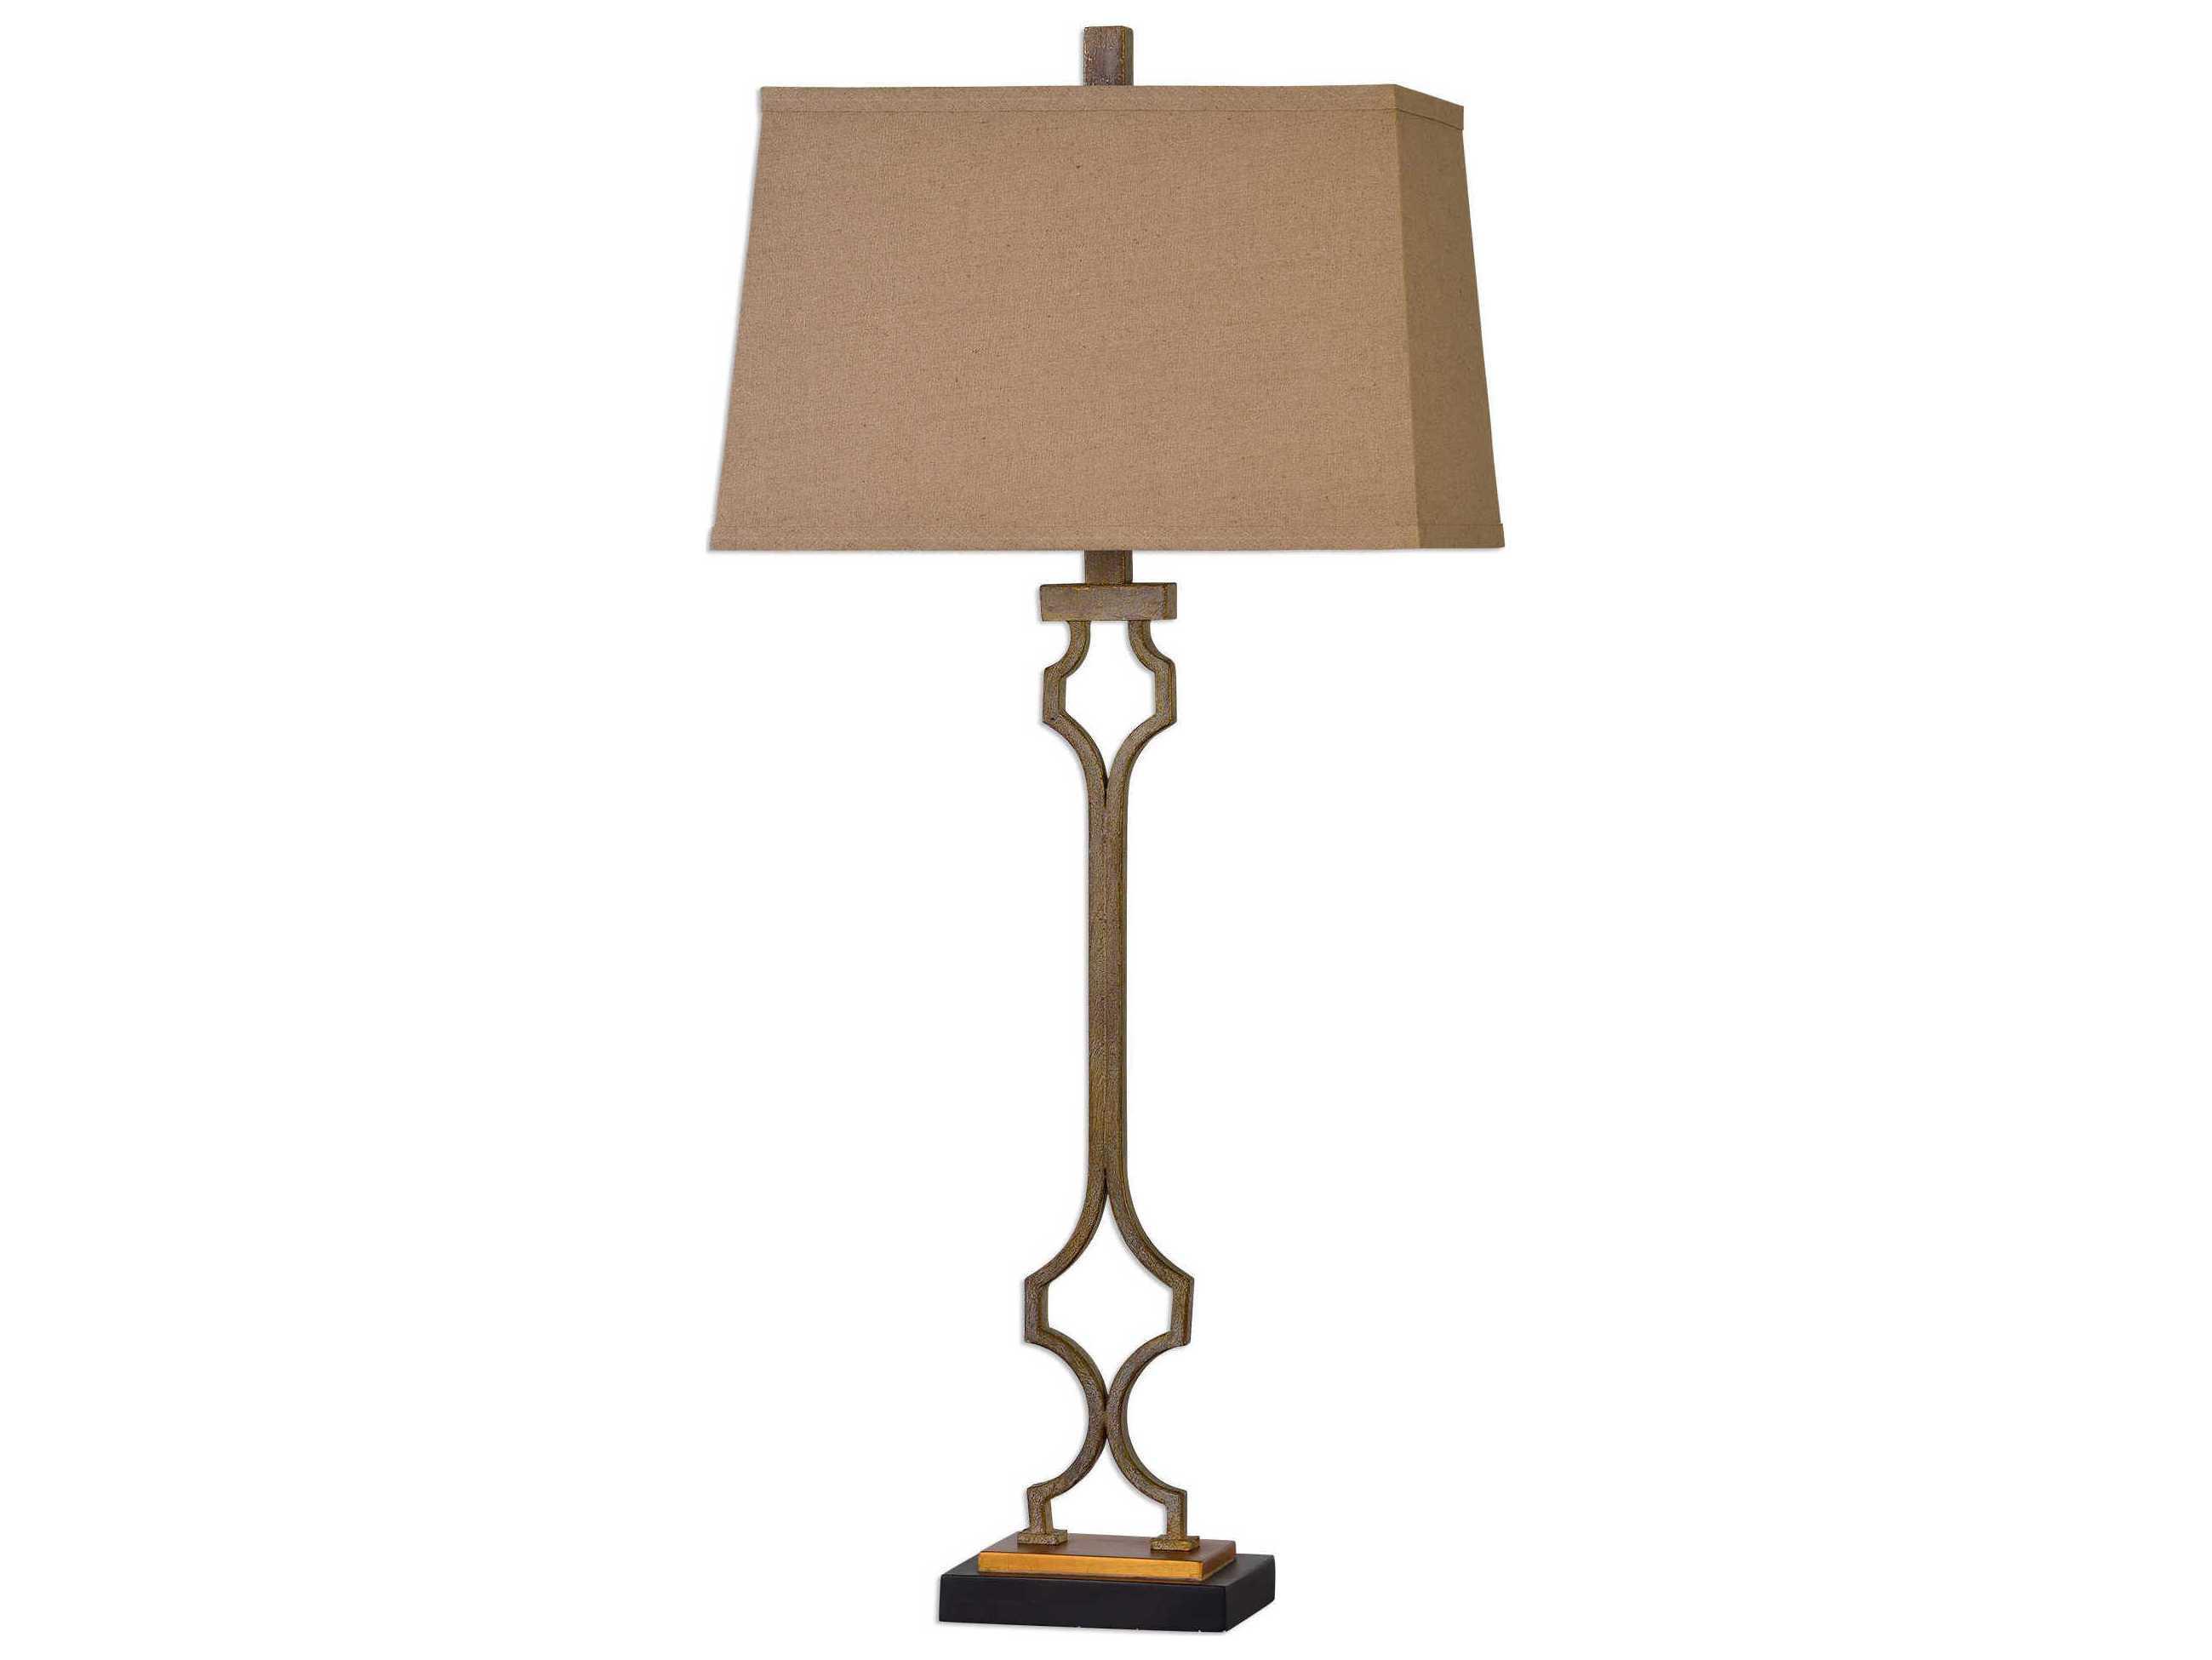 uttermost vincent gold leaf table lamp ut27140. Black Bedroom Furniture Sets. Home Design Ideas